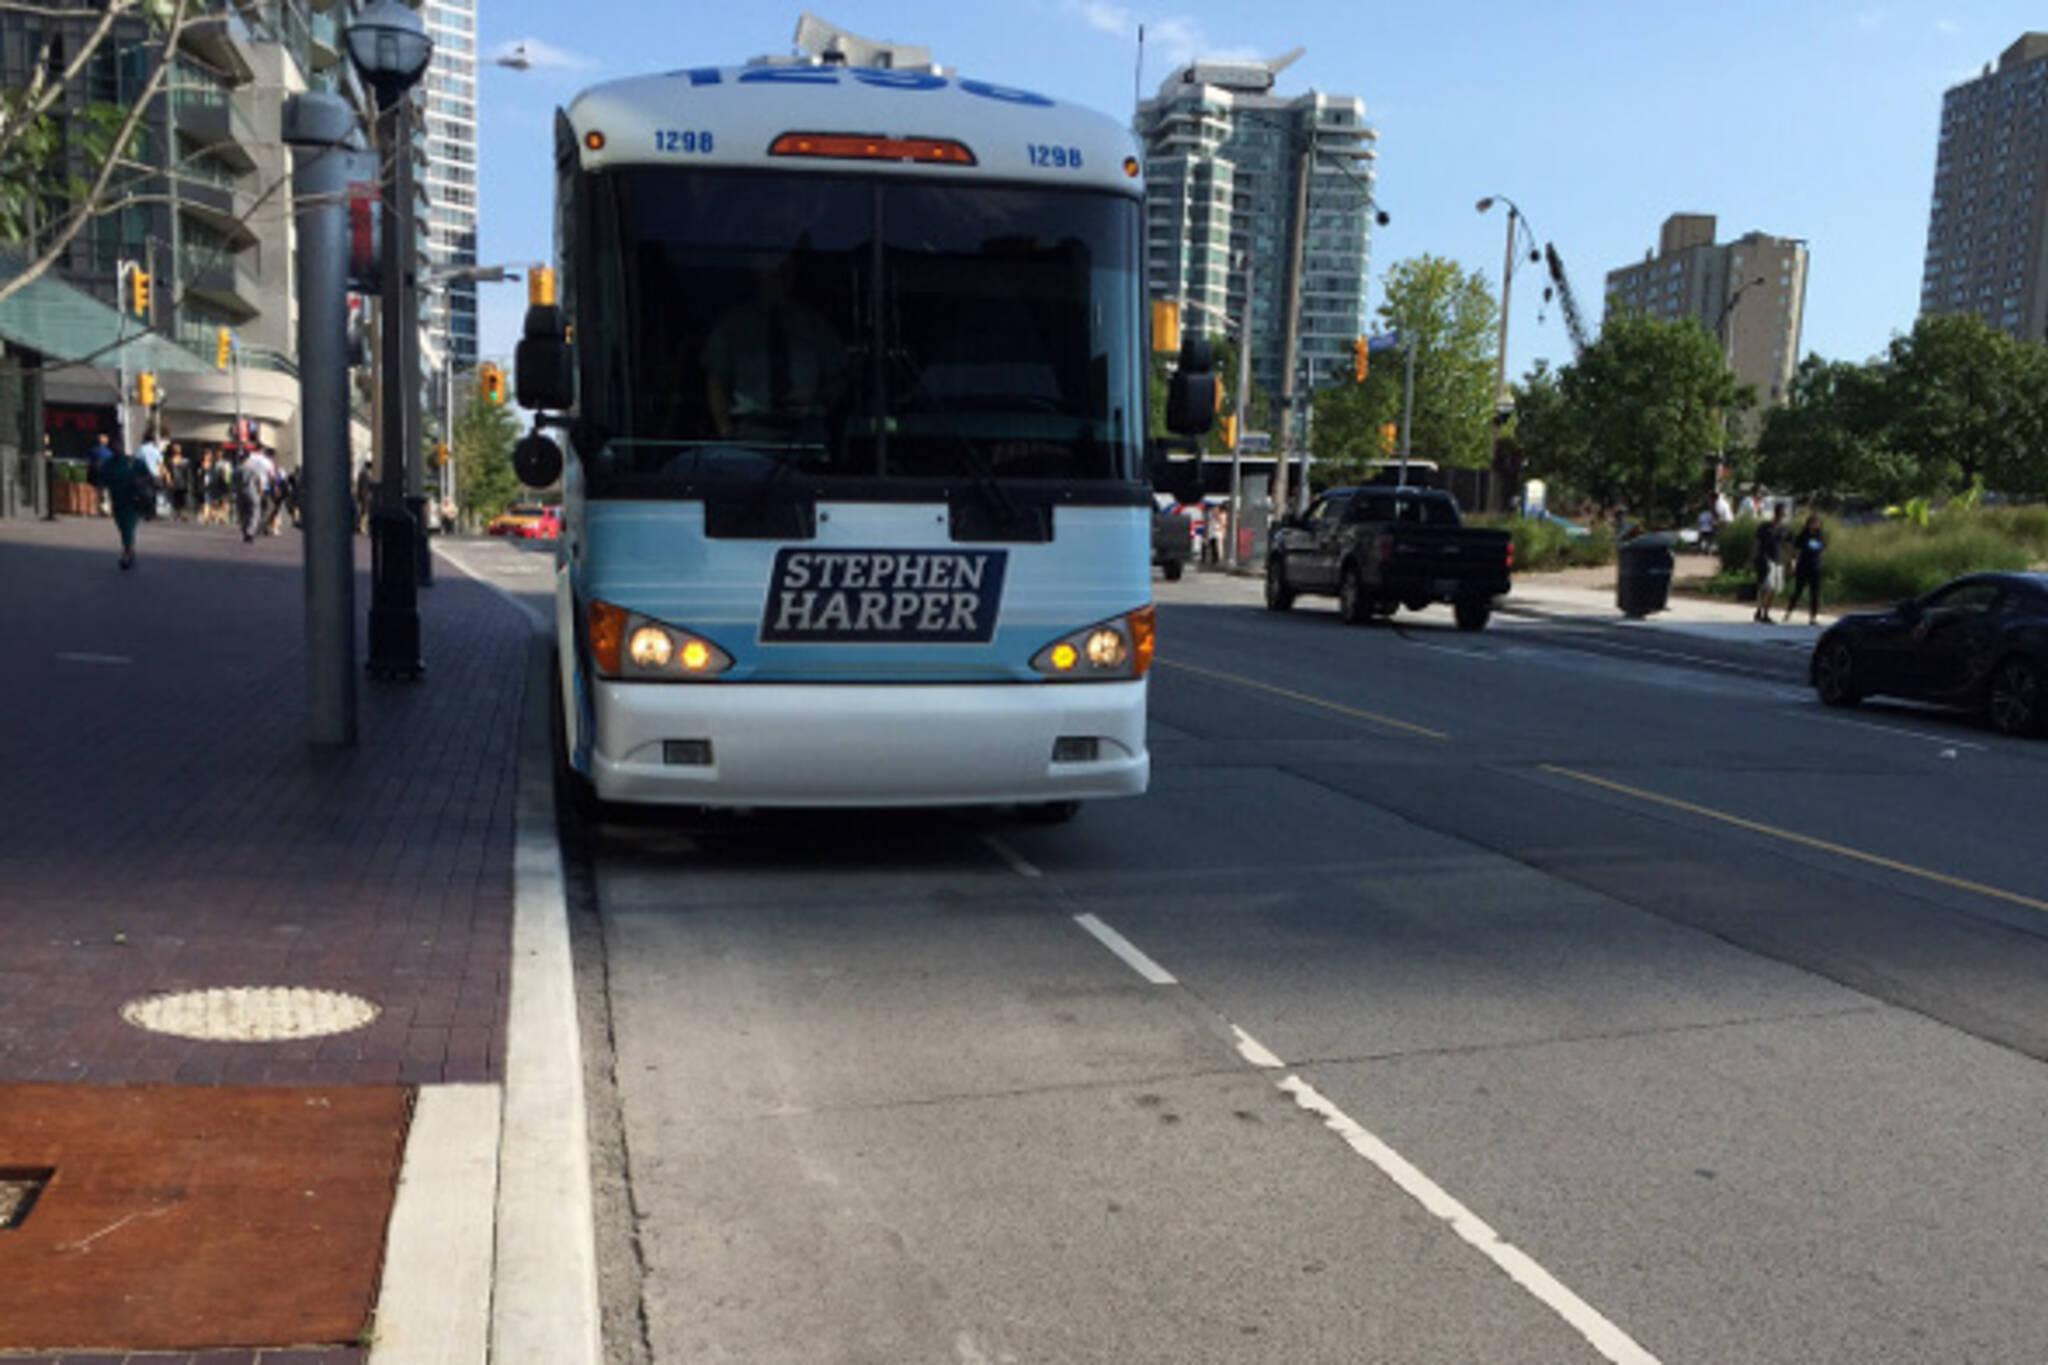 Harper bus